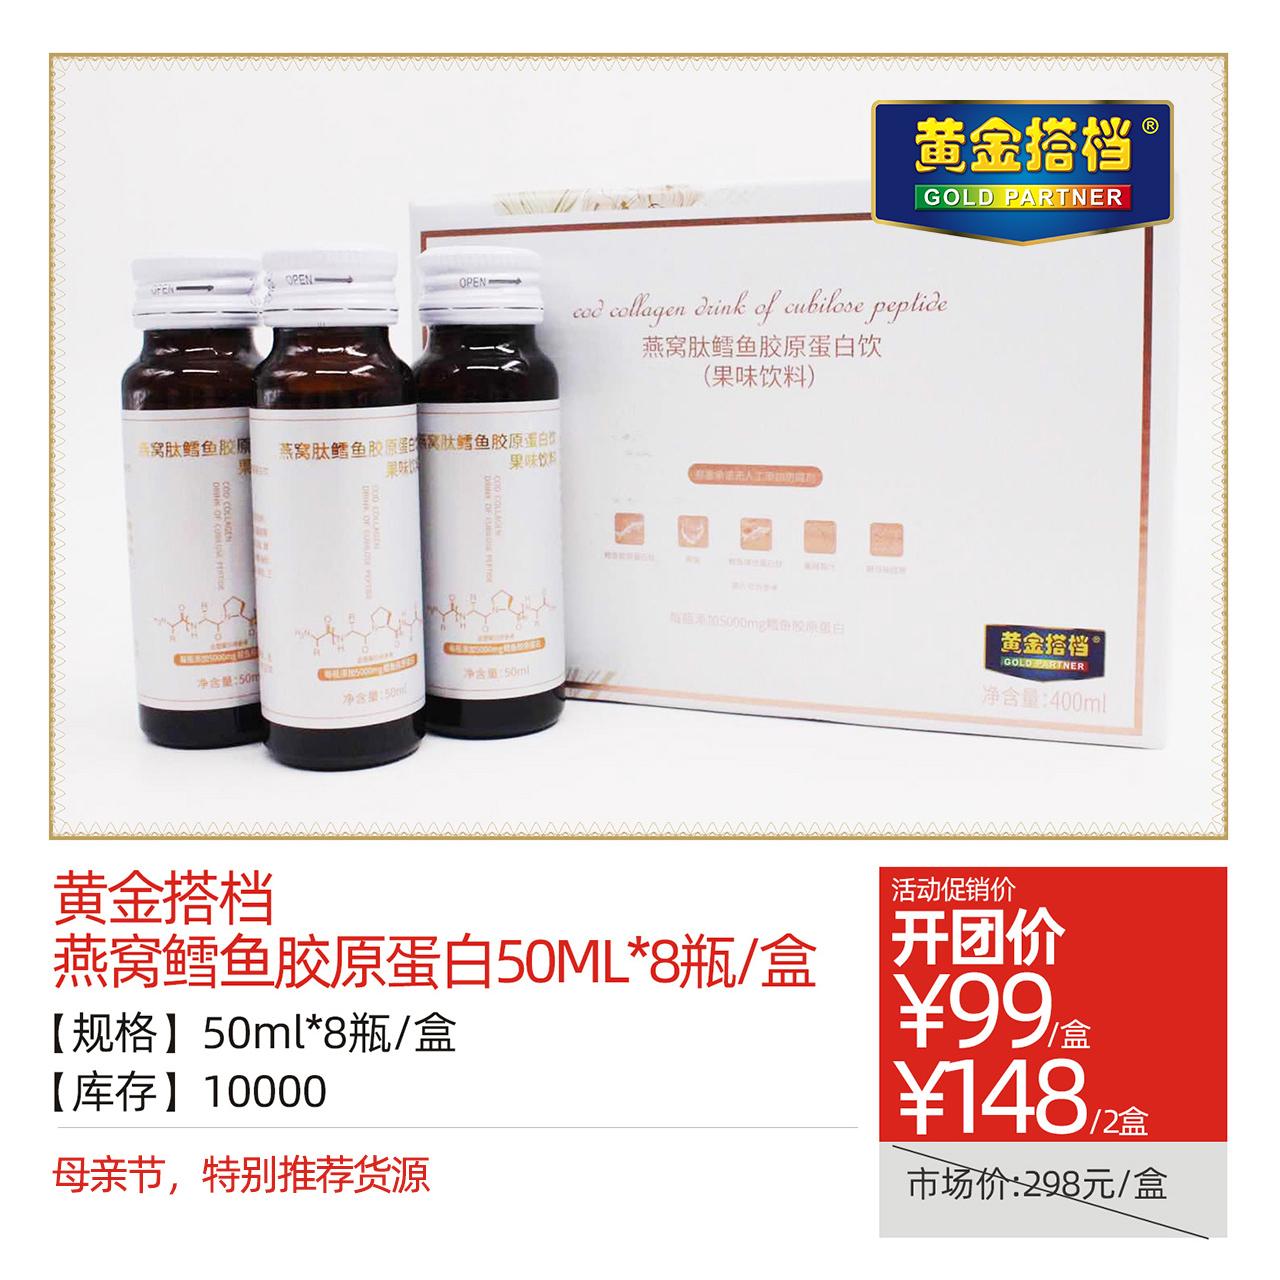 黄金搭档+燕窝鳕鱼胶原蛋白+50ml*8瓶/盒